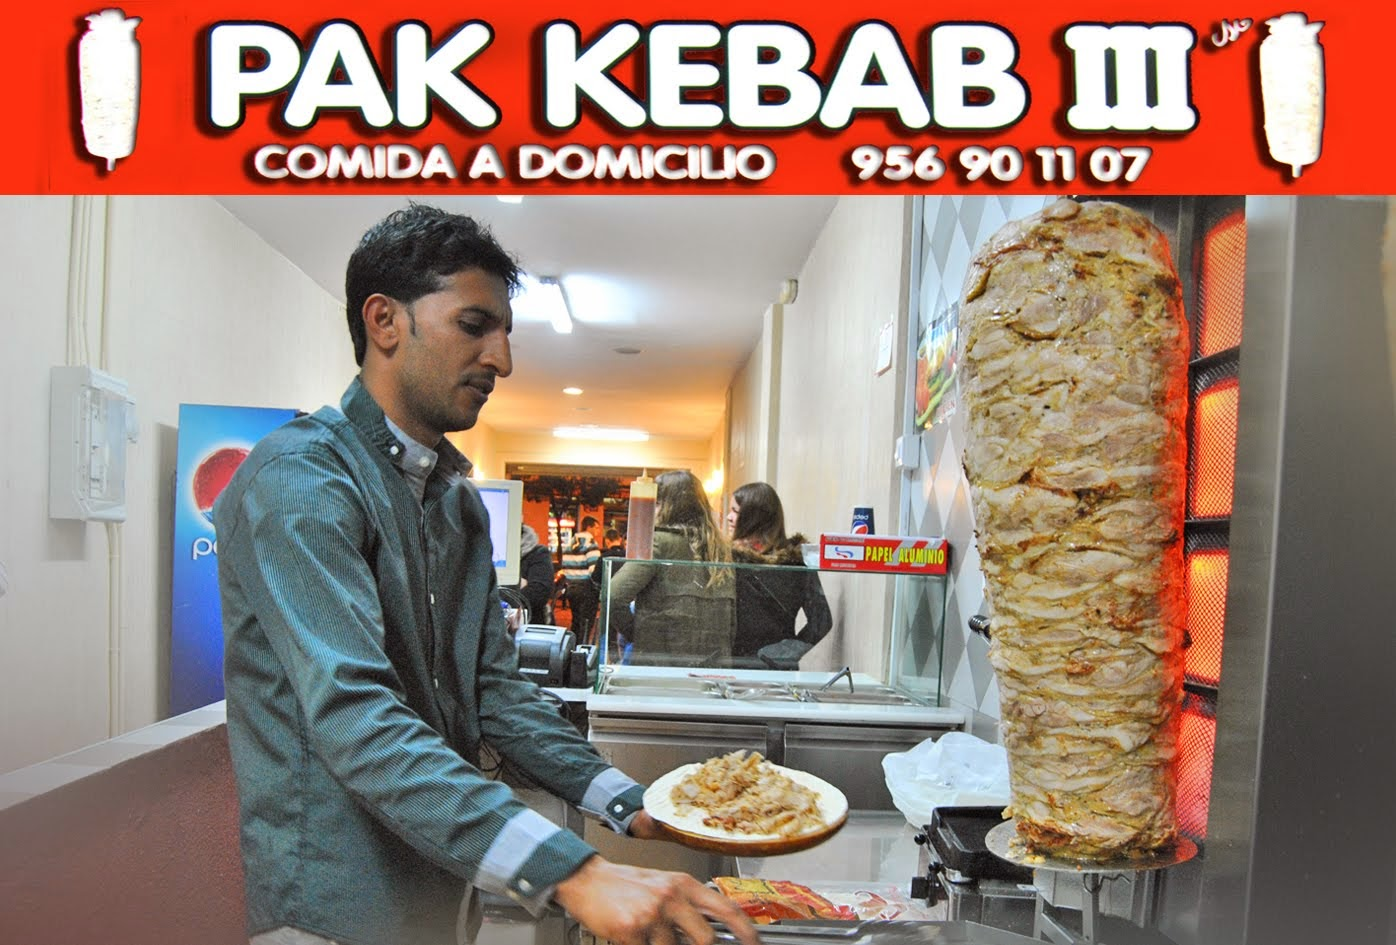 Pak Kebab III